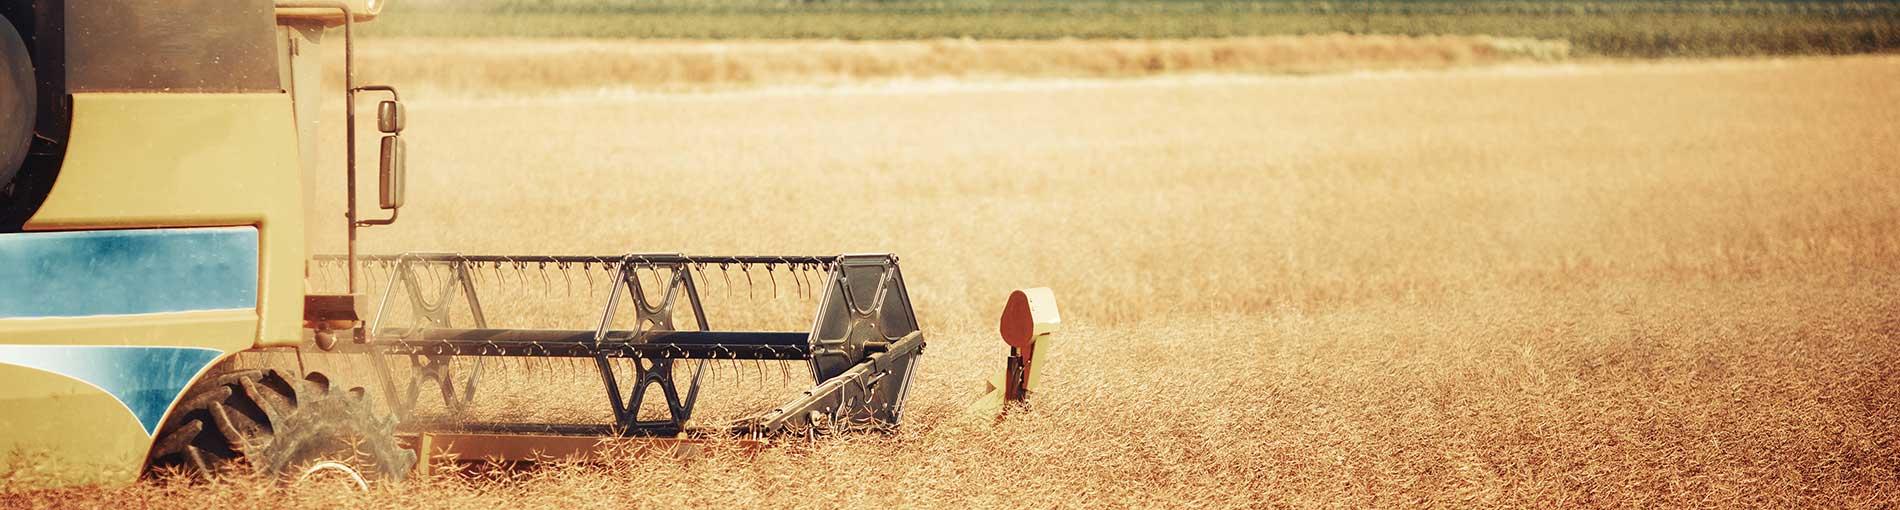 Assicurazioni-Attivita-Agricole